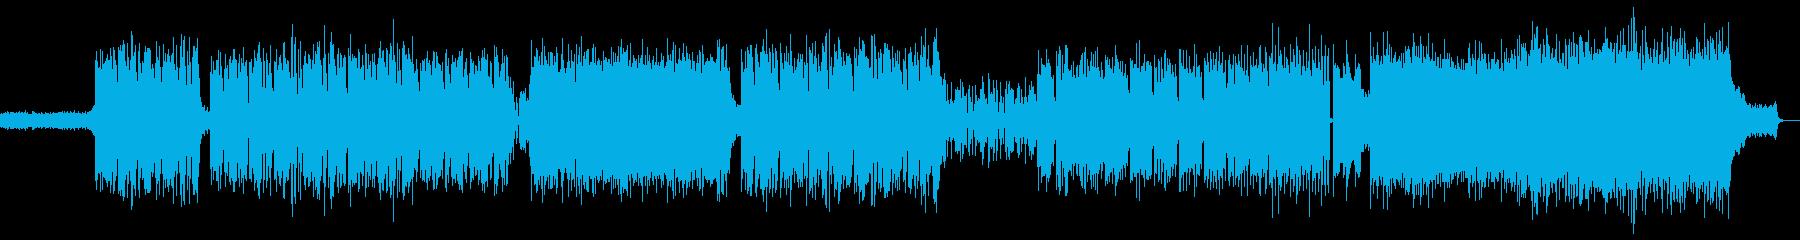 ラウドなゲーム音楽 バンドサウンドの再生済みの波形